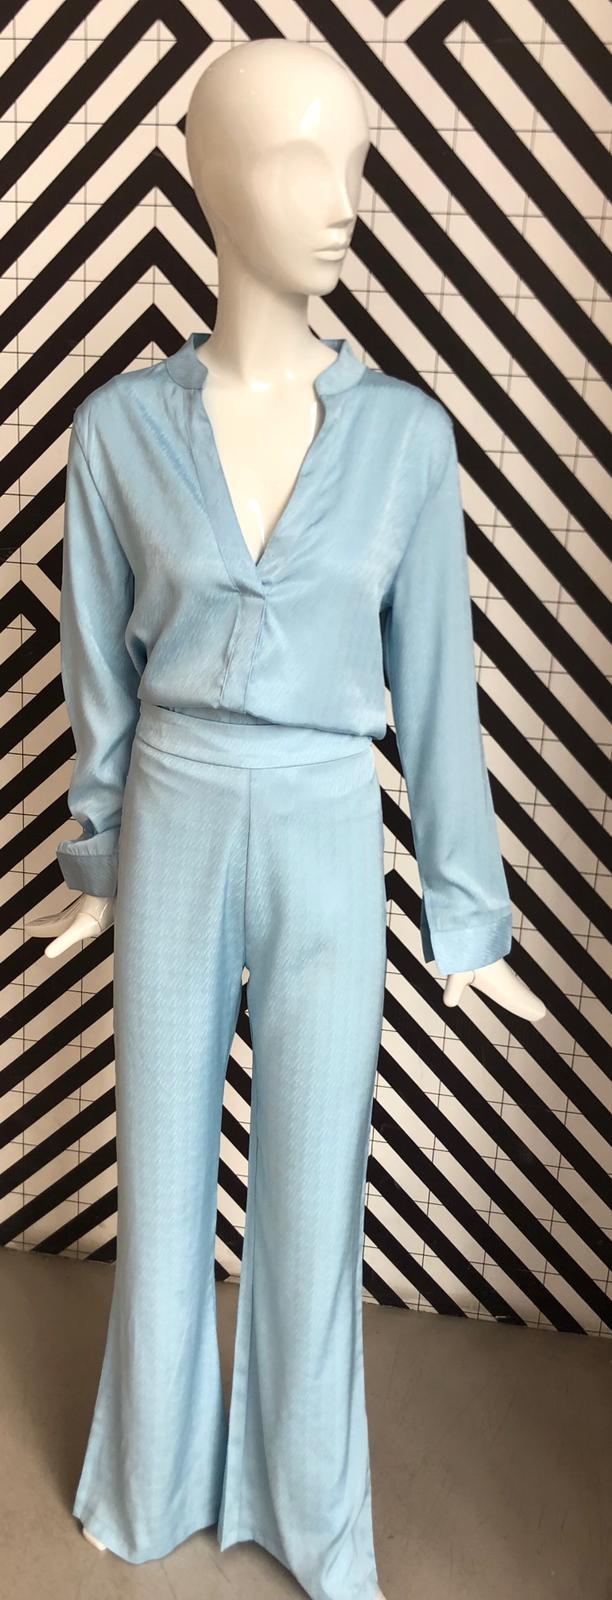 Voyar La Rue Birdie blouse blue